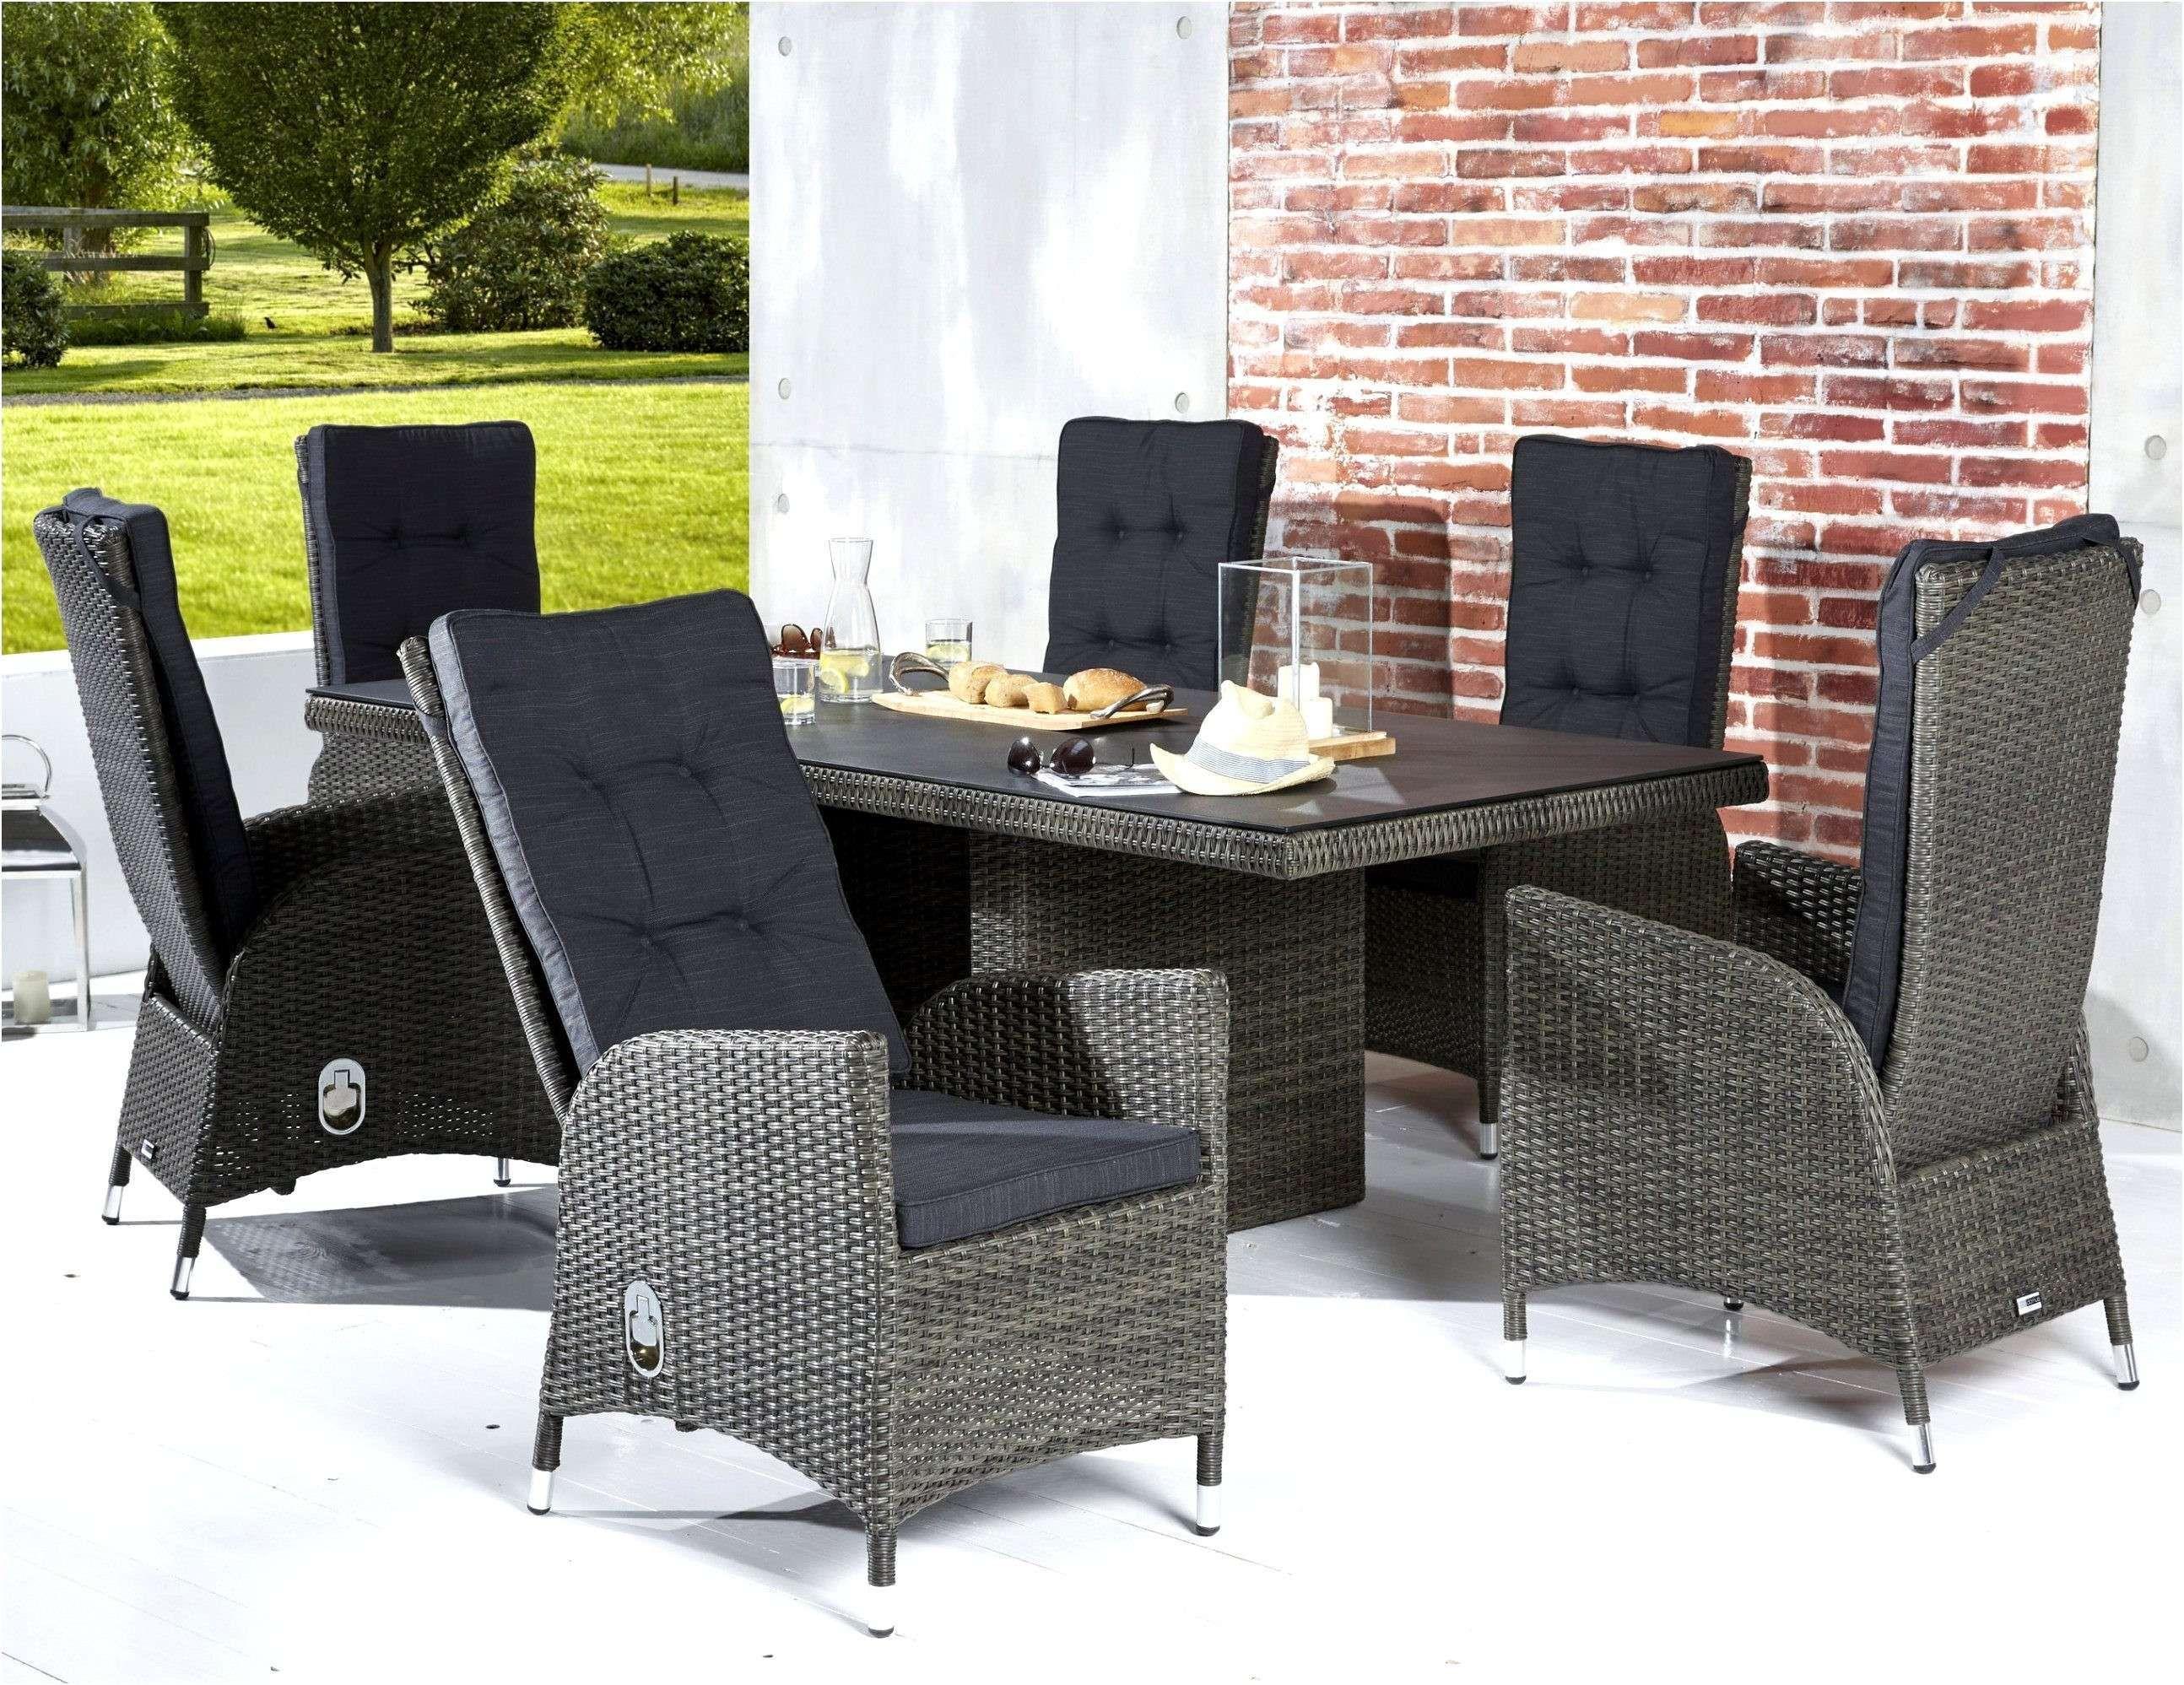 30 Inspirierend Rattan Essgruppe Garten Aussenmobel Lounge Mobel Gartenmobel